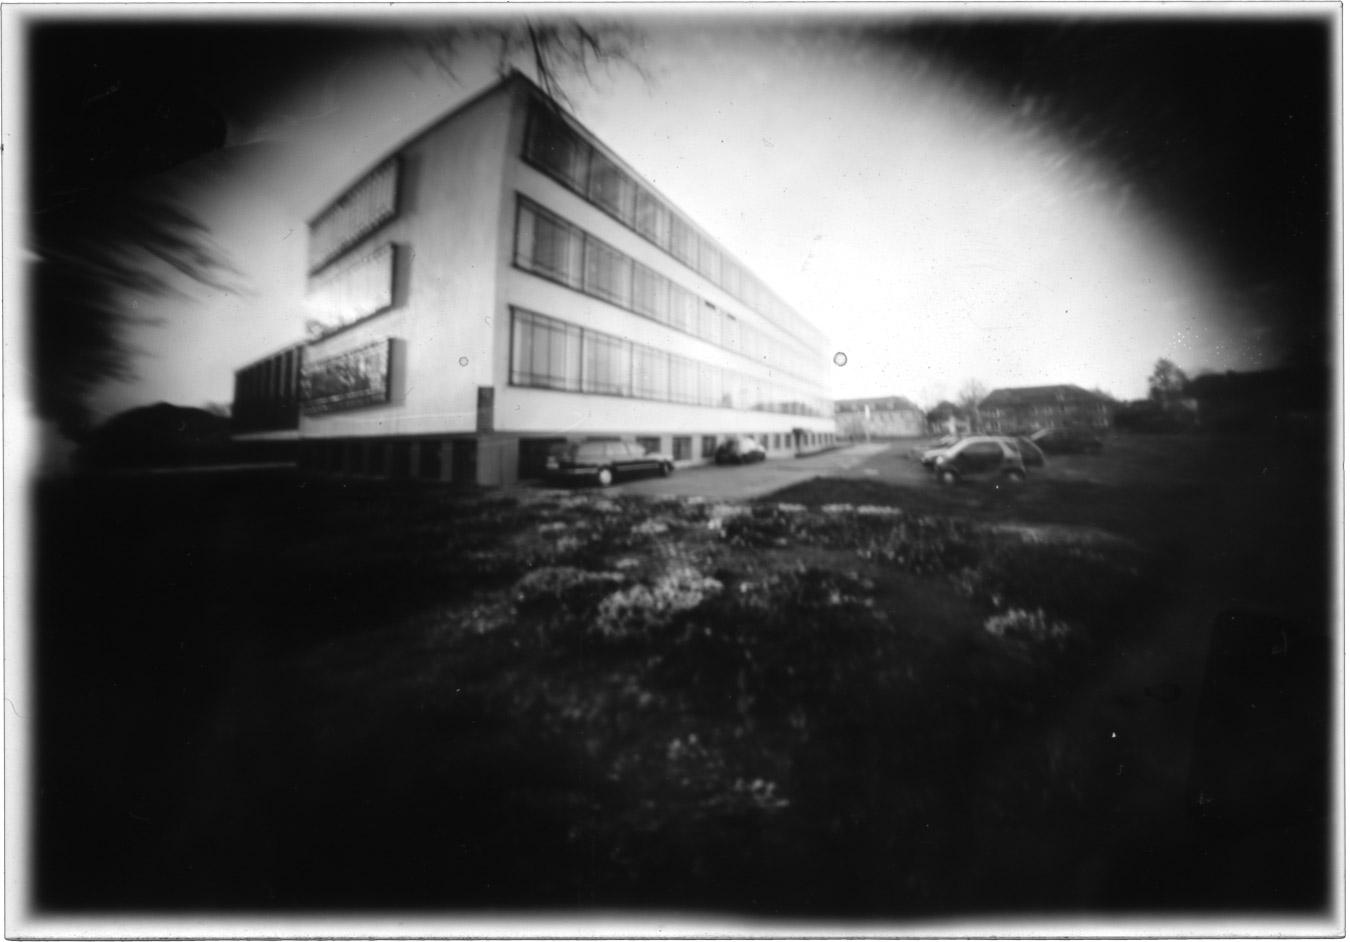 Das Bauhaus Dessau durch die Auge der Camera Obscura